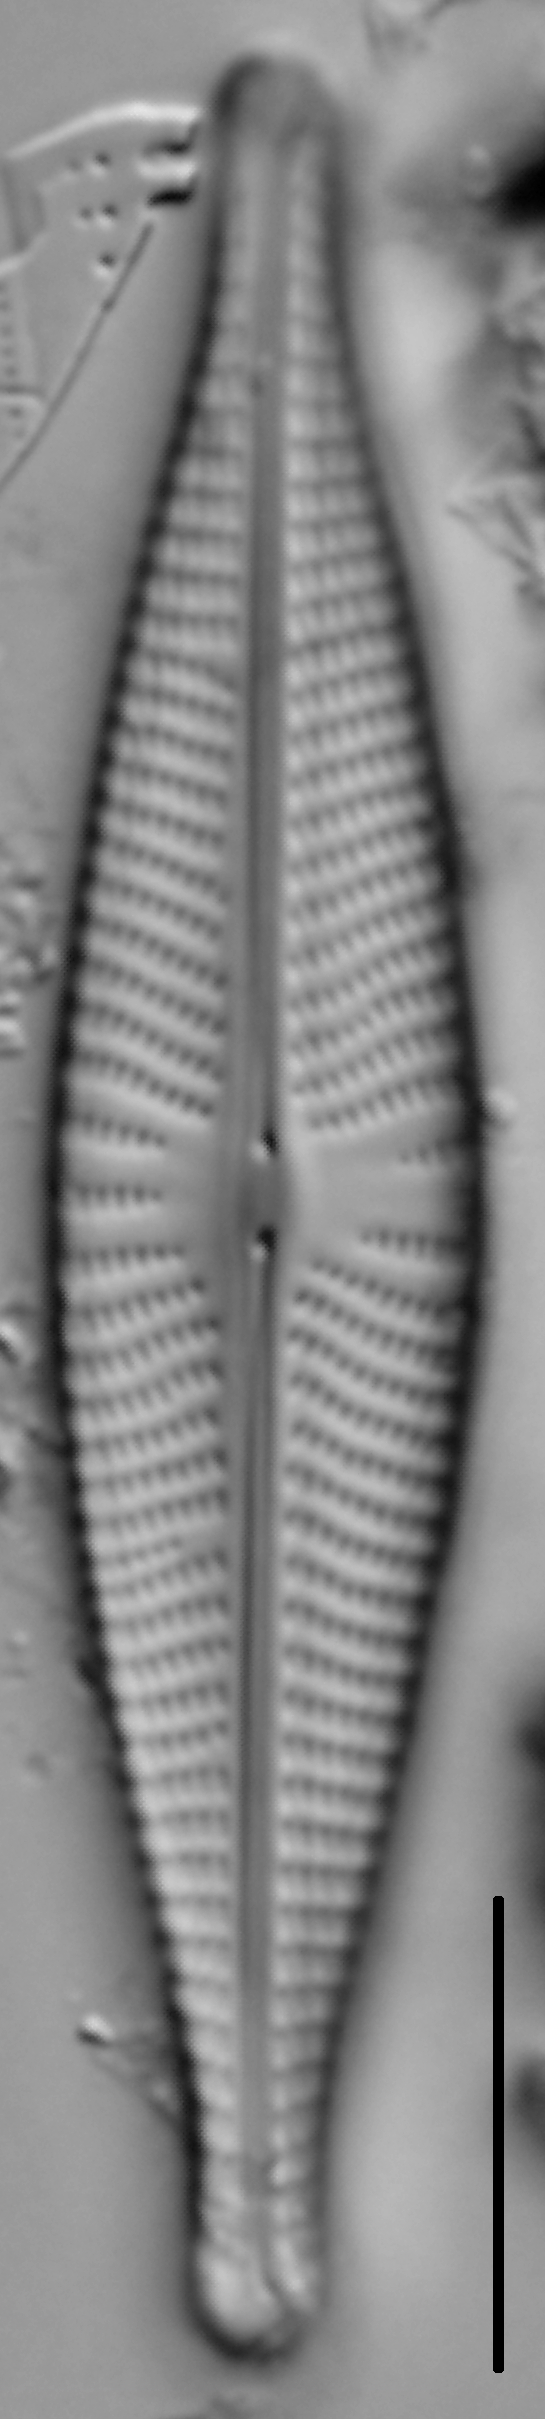 Navicula rhynchocephala LM1